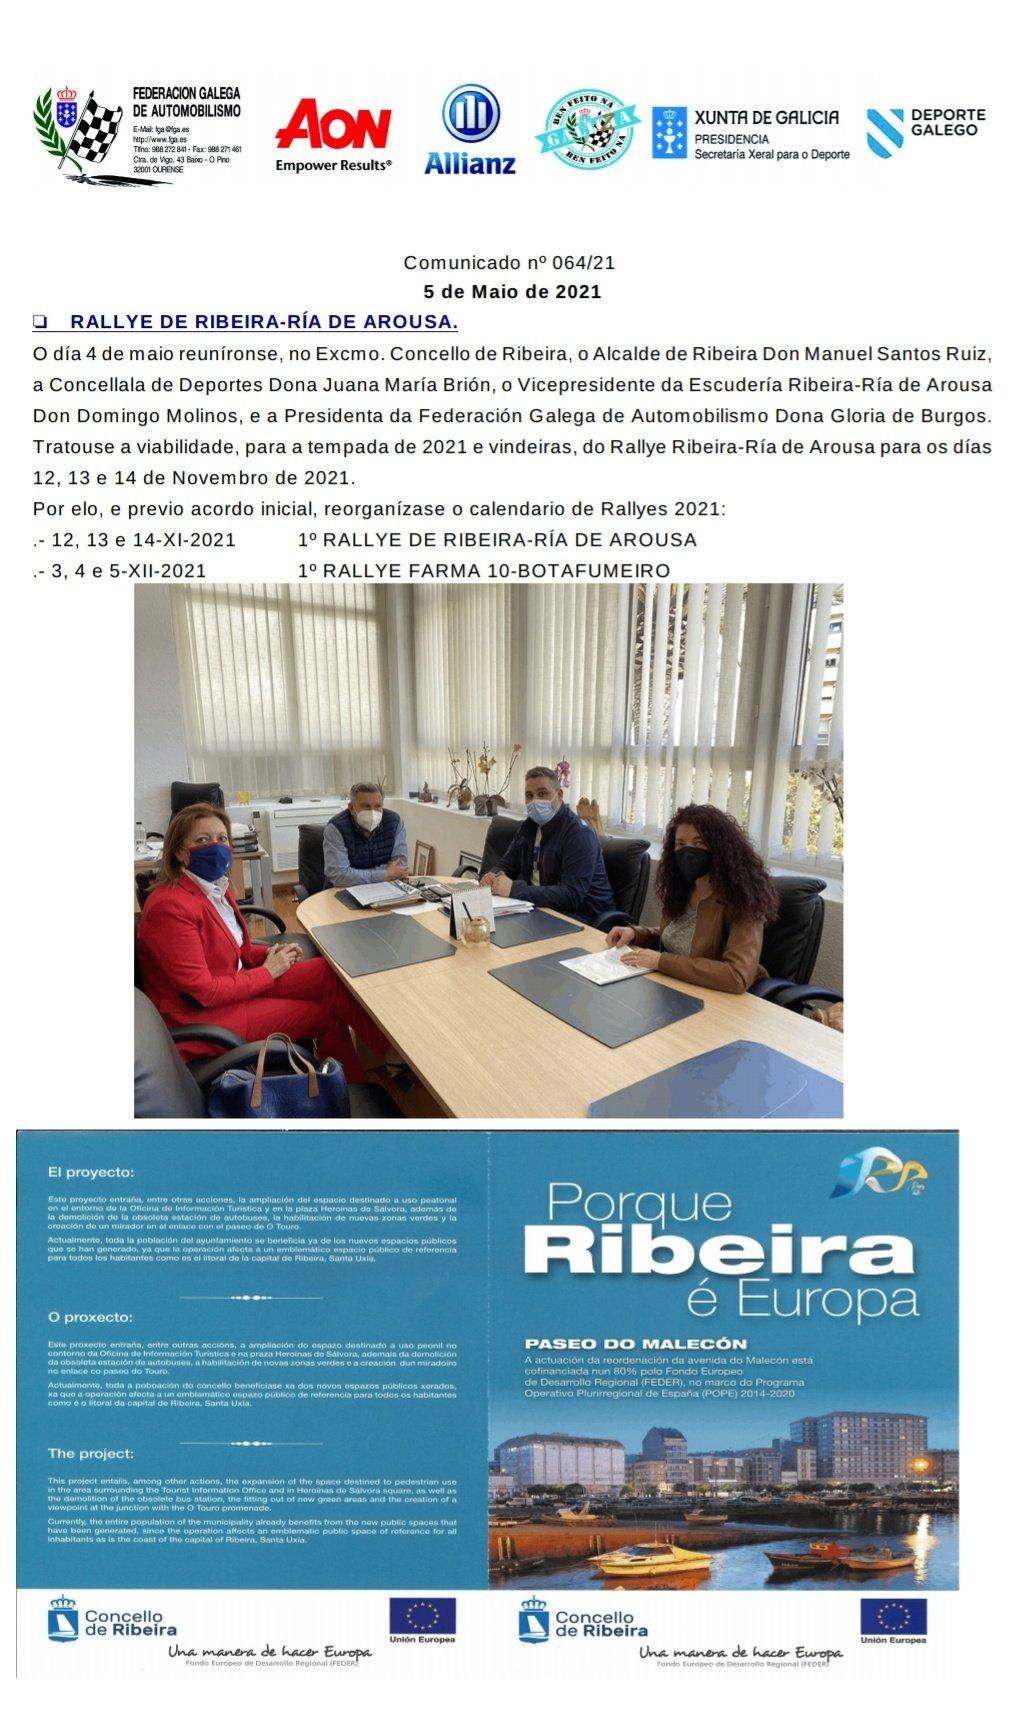 Campeonatos Regionales 2021: Información y novedades  - Página 10 E0nypk5XEAMUN_1?format=jpg&name=large